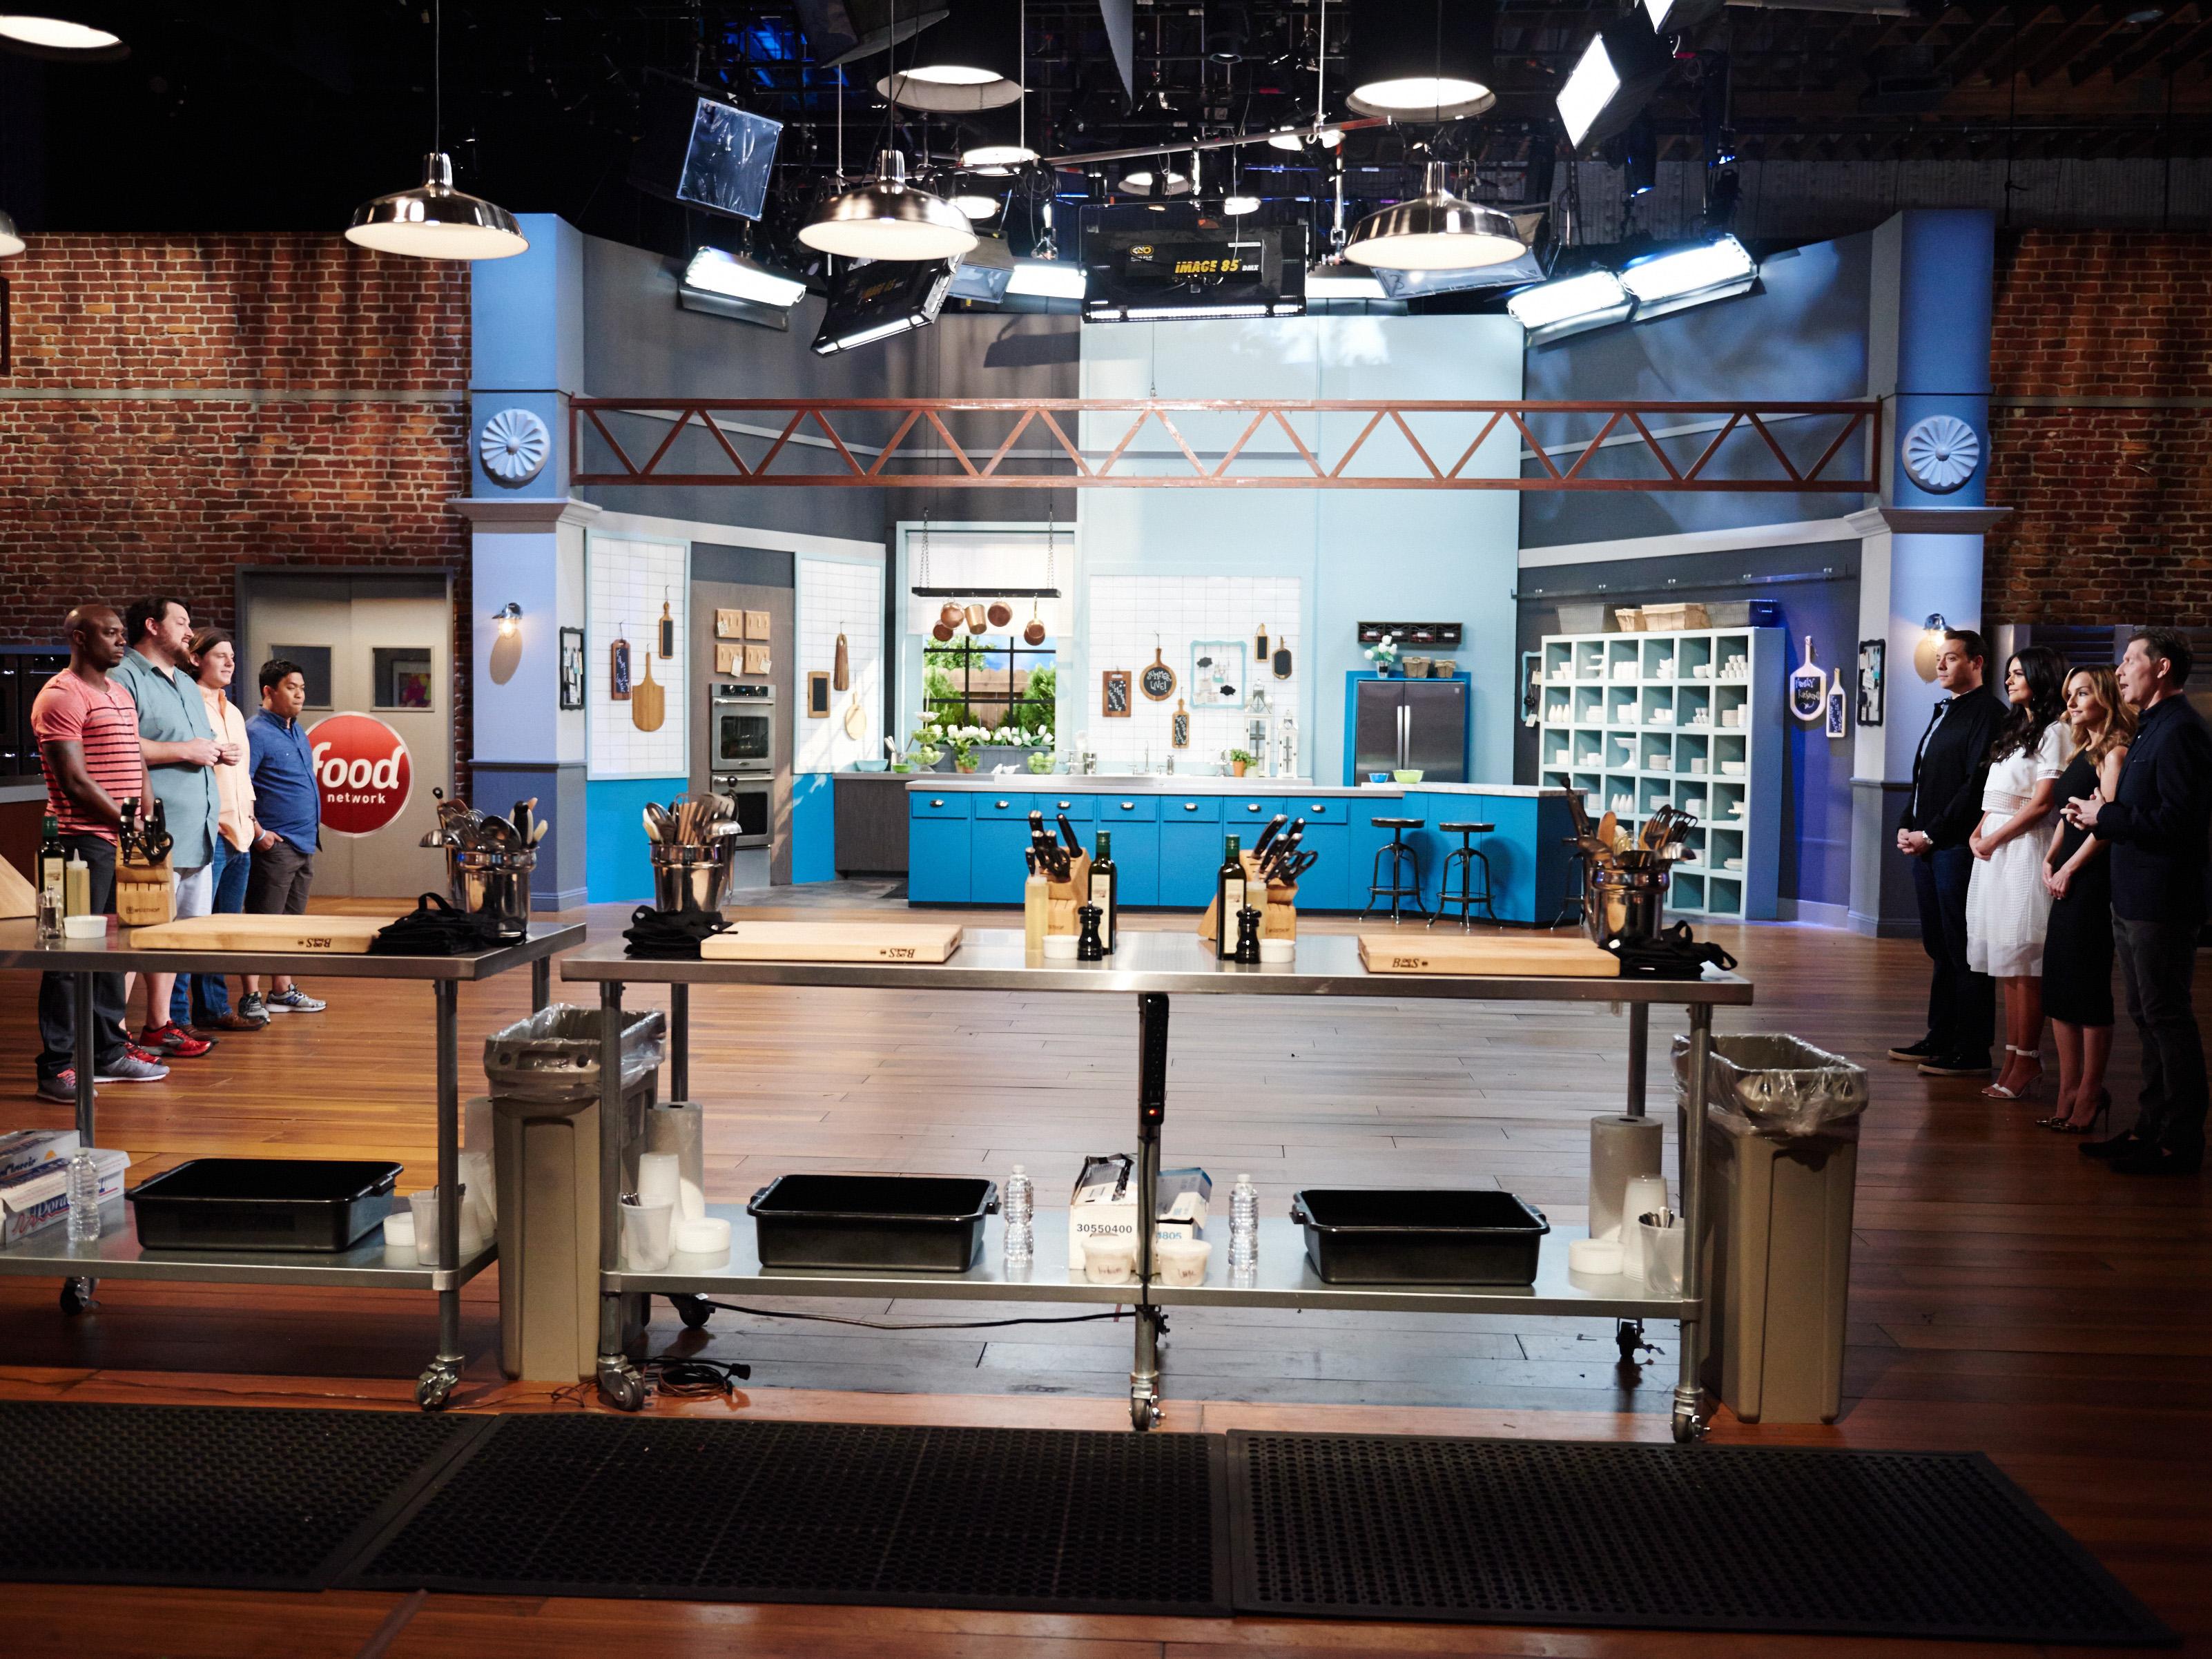 The Kitchen Show food network star 11: bitchin' kitchen – anibundel